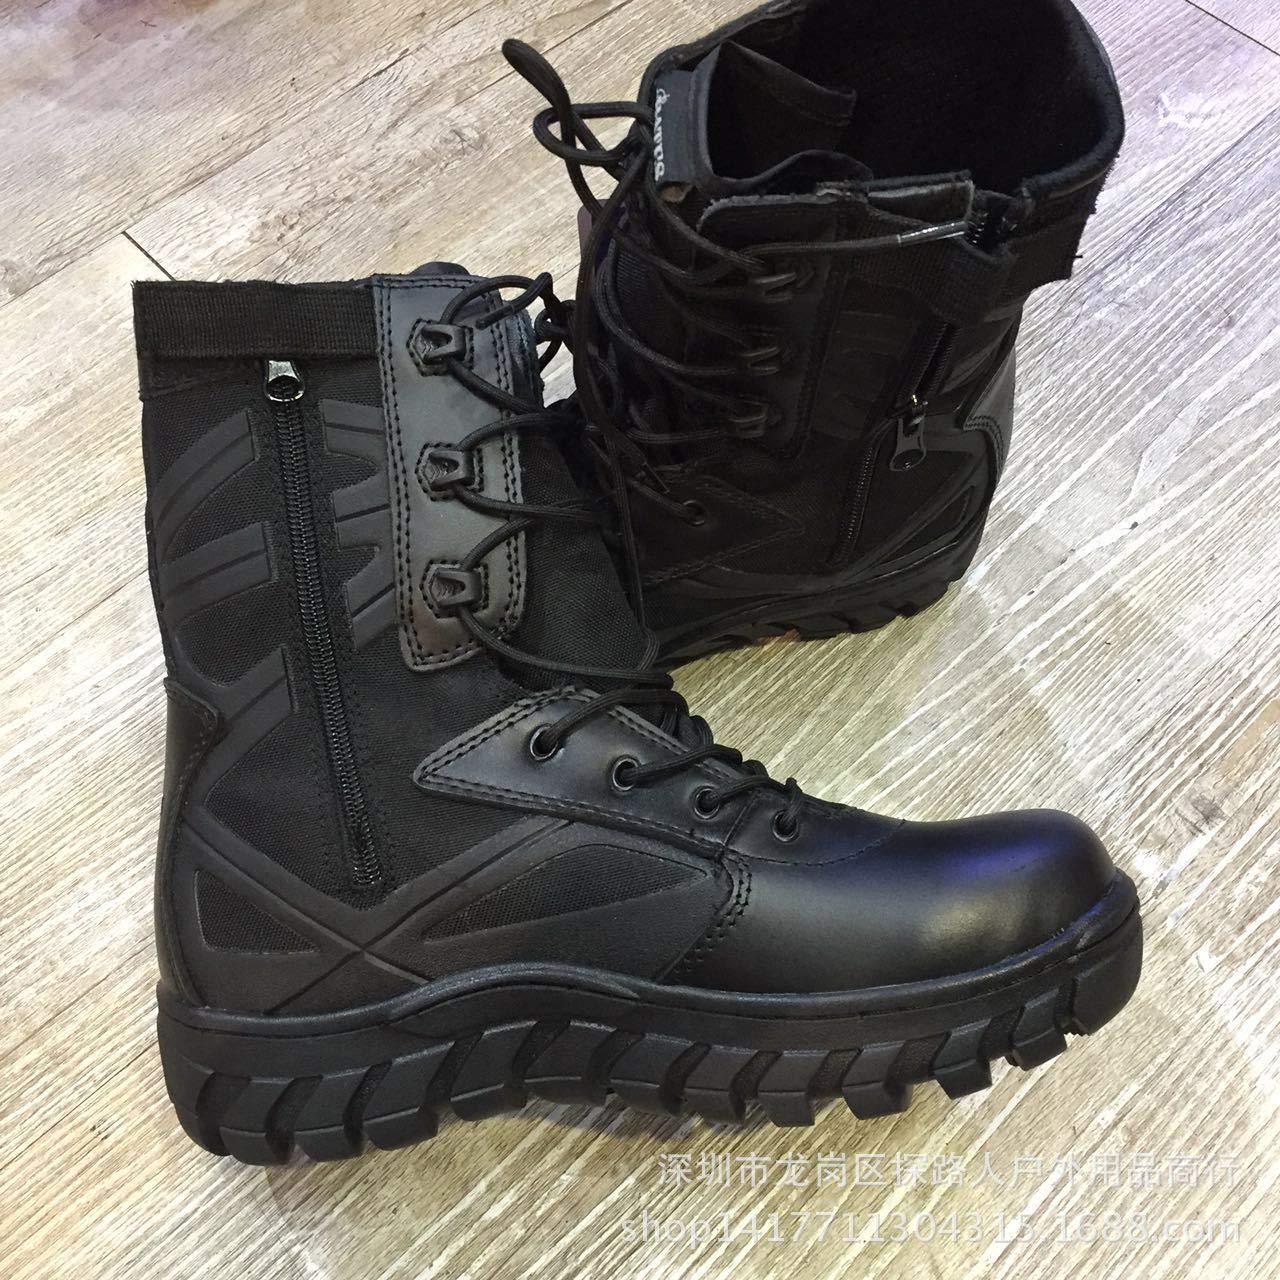 HCBYJ Schuhe Trainingsstiefel hoch, um taktischen Stiefeln im Freien beim Wandern von Outdoor-Schuhen zu helfen